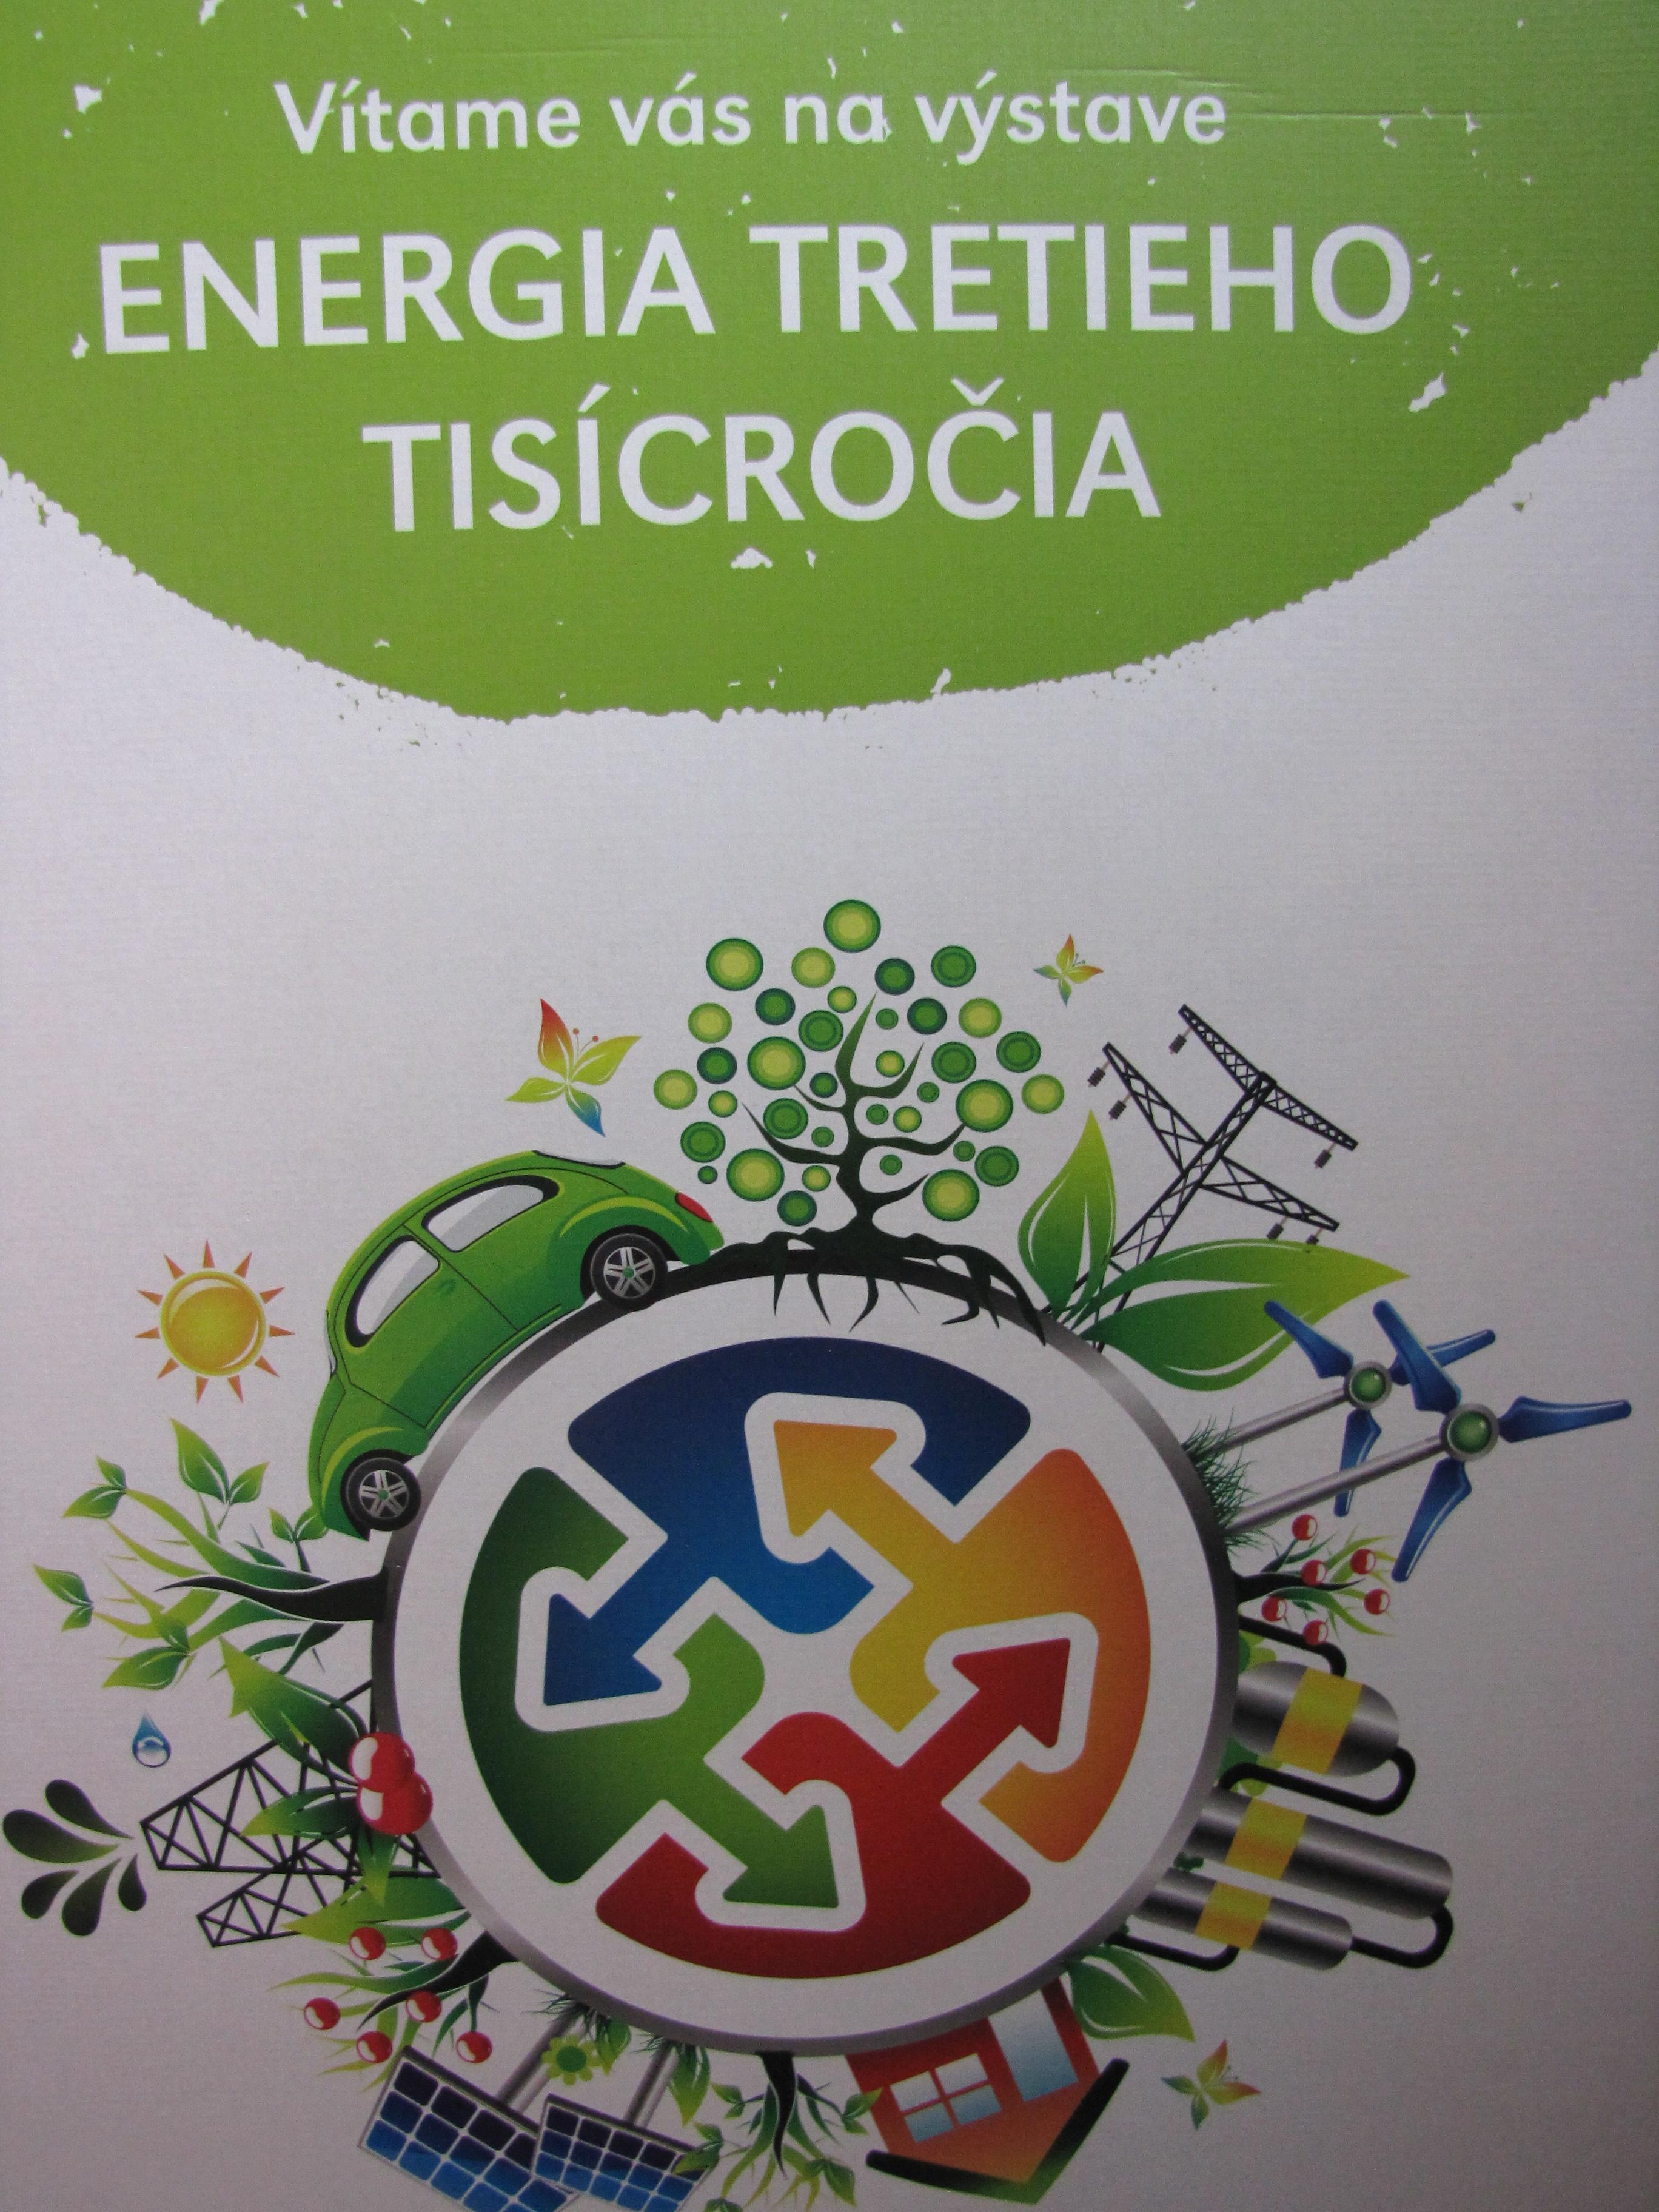 Energia tretieho tisícročia